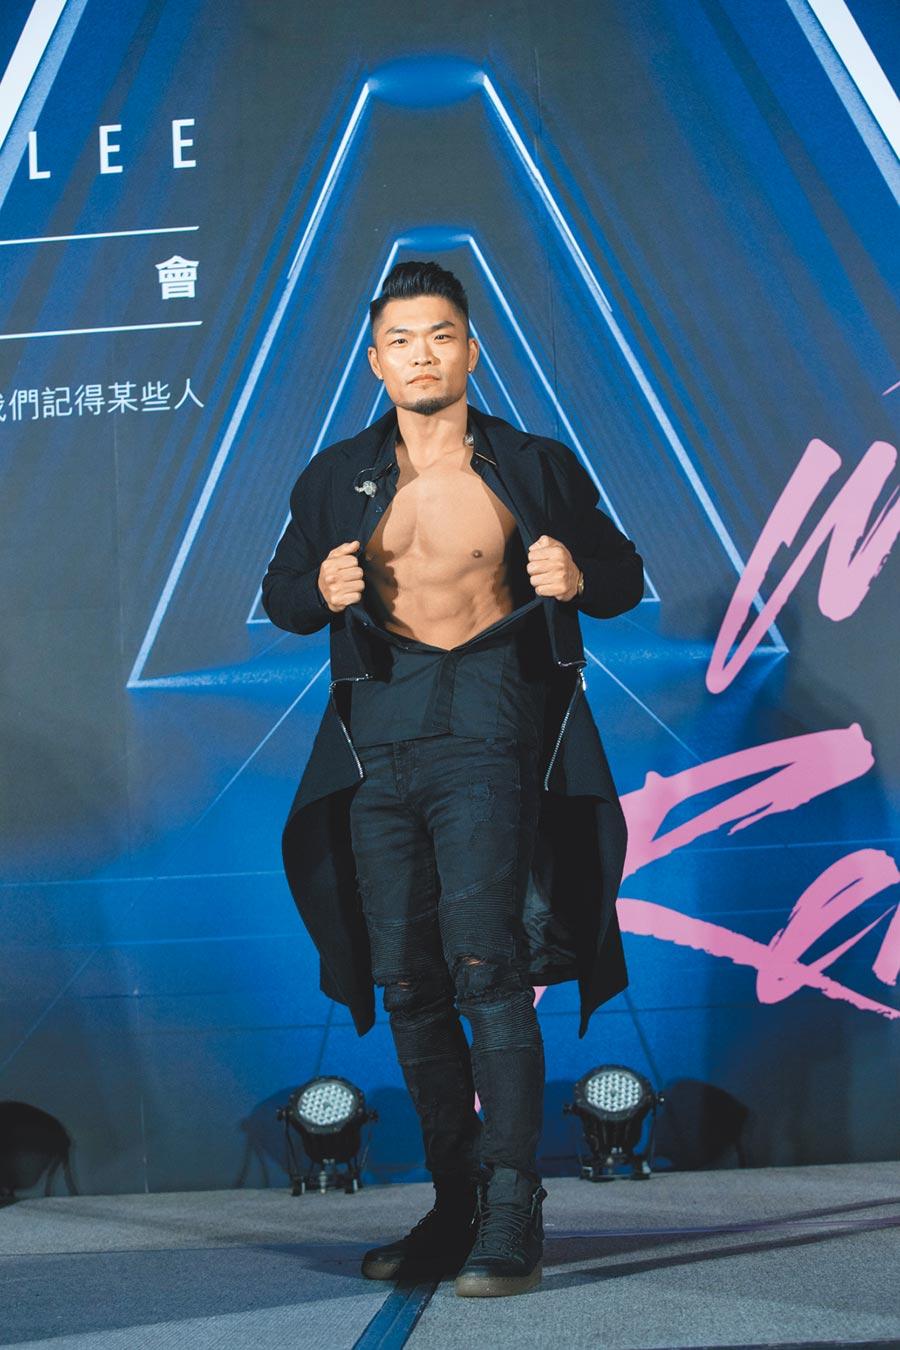 李玖哲身材精壯,演唱會也不排斥展露肌肉。(資料照片)